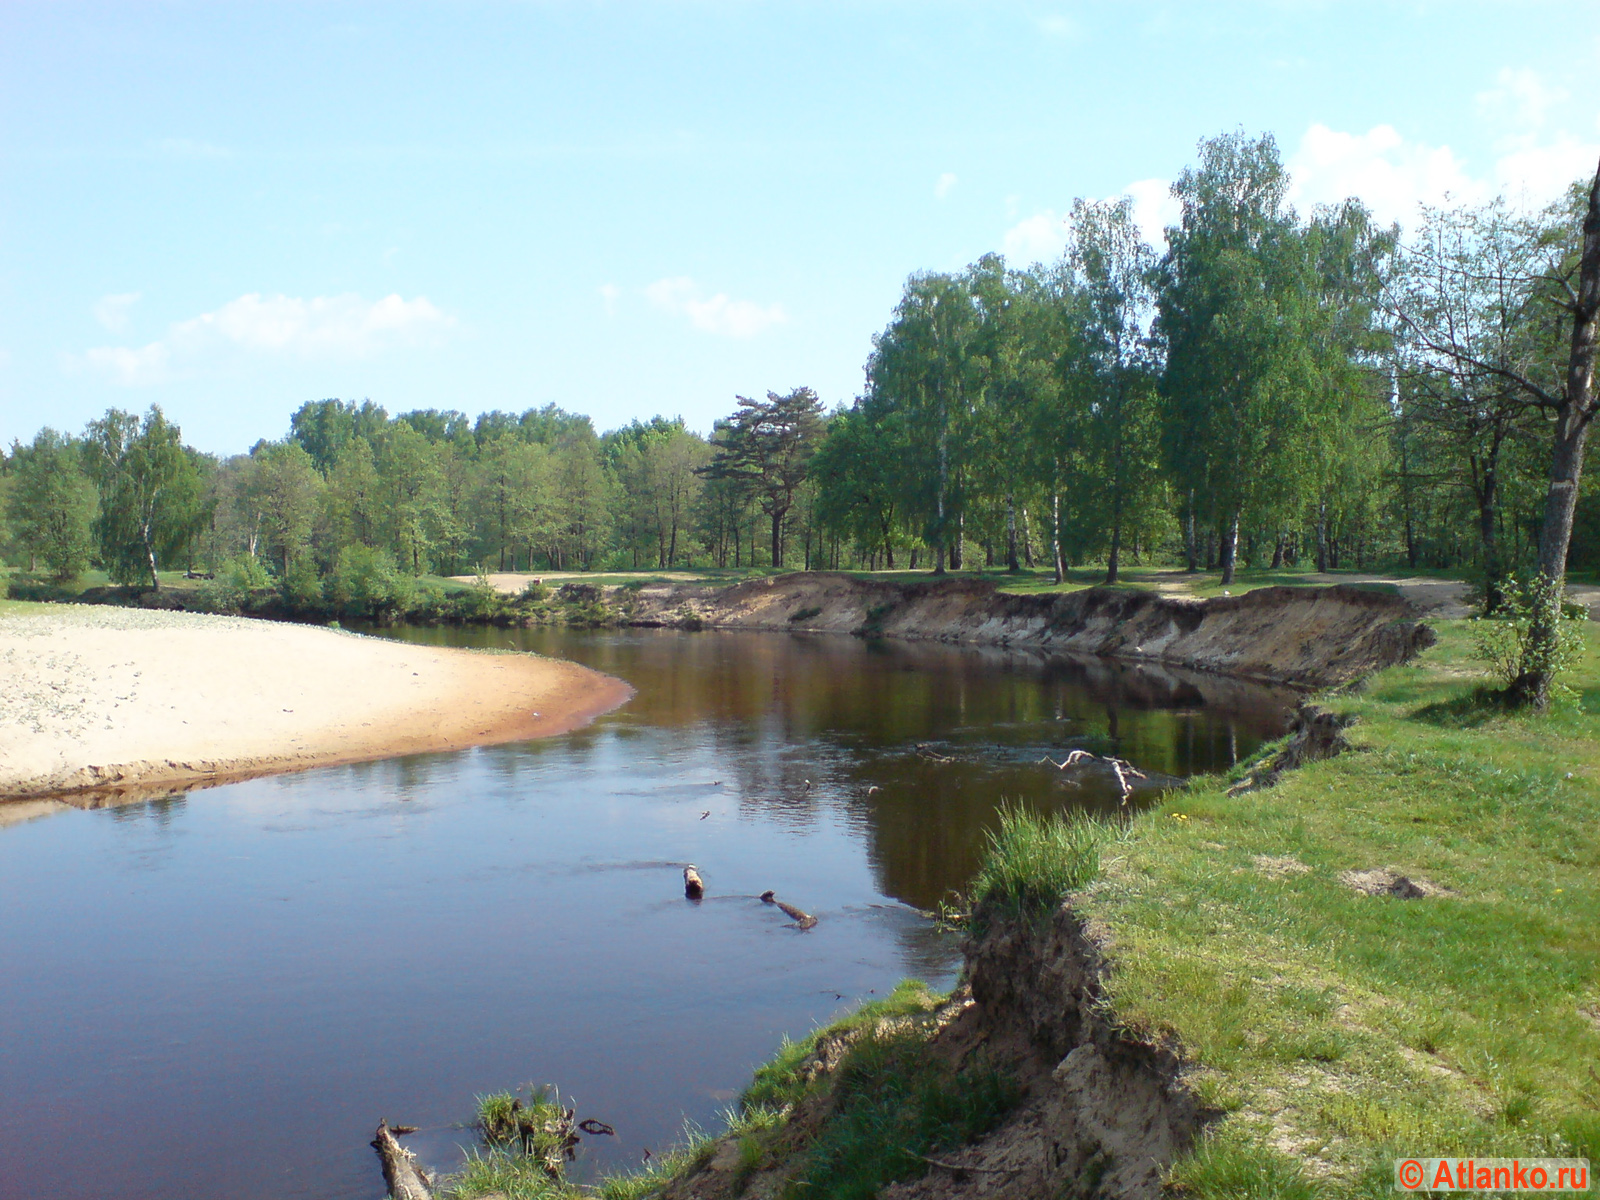 Картинки природы у реки